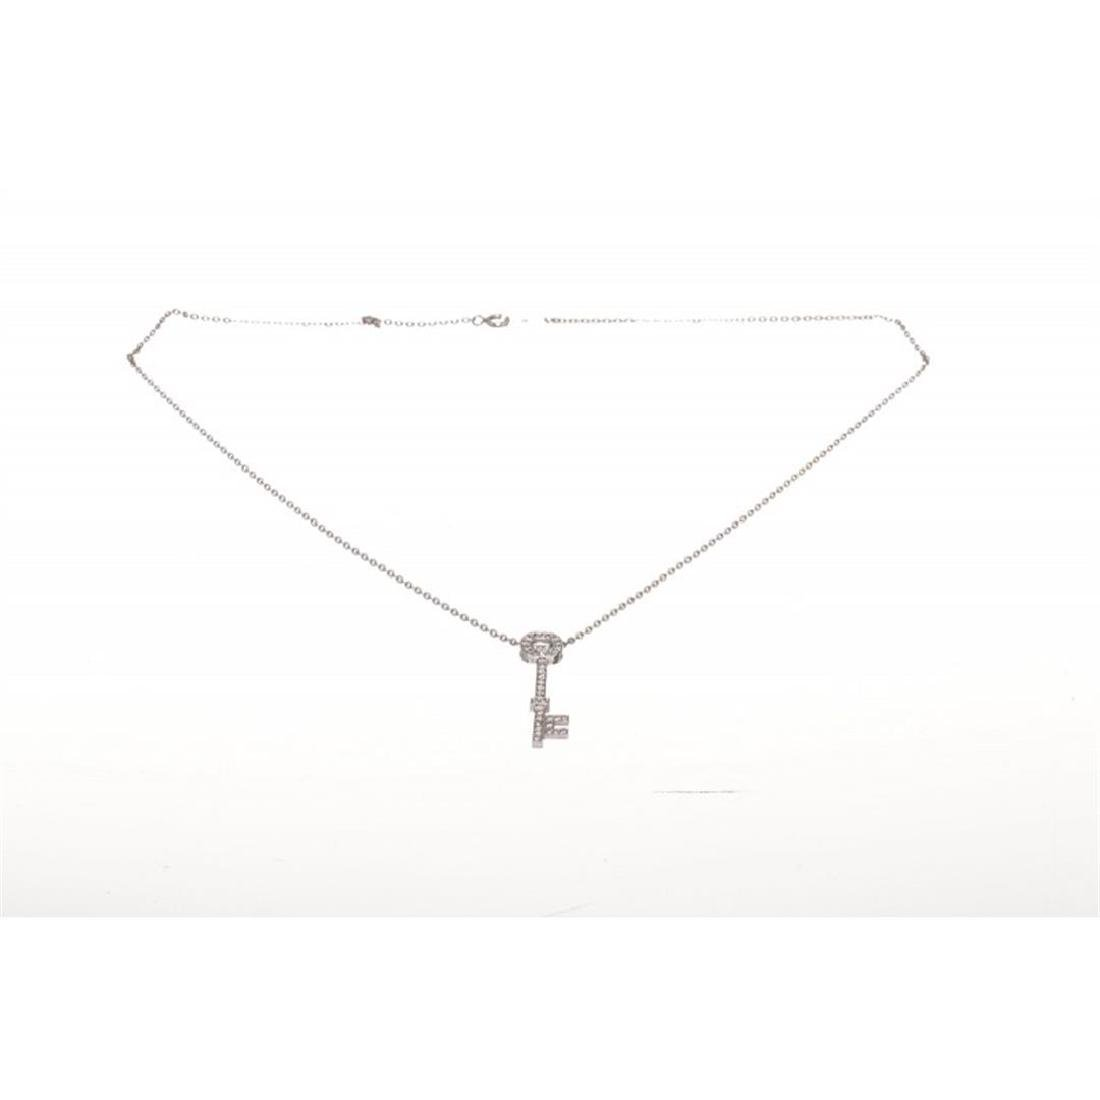 Designer 14 KT White Gold 0.35 CT Diamond Key Pendant